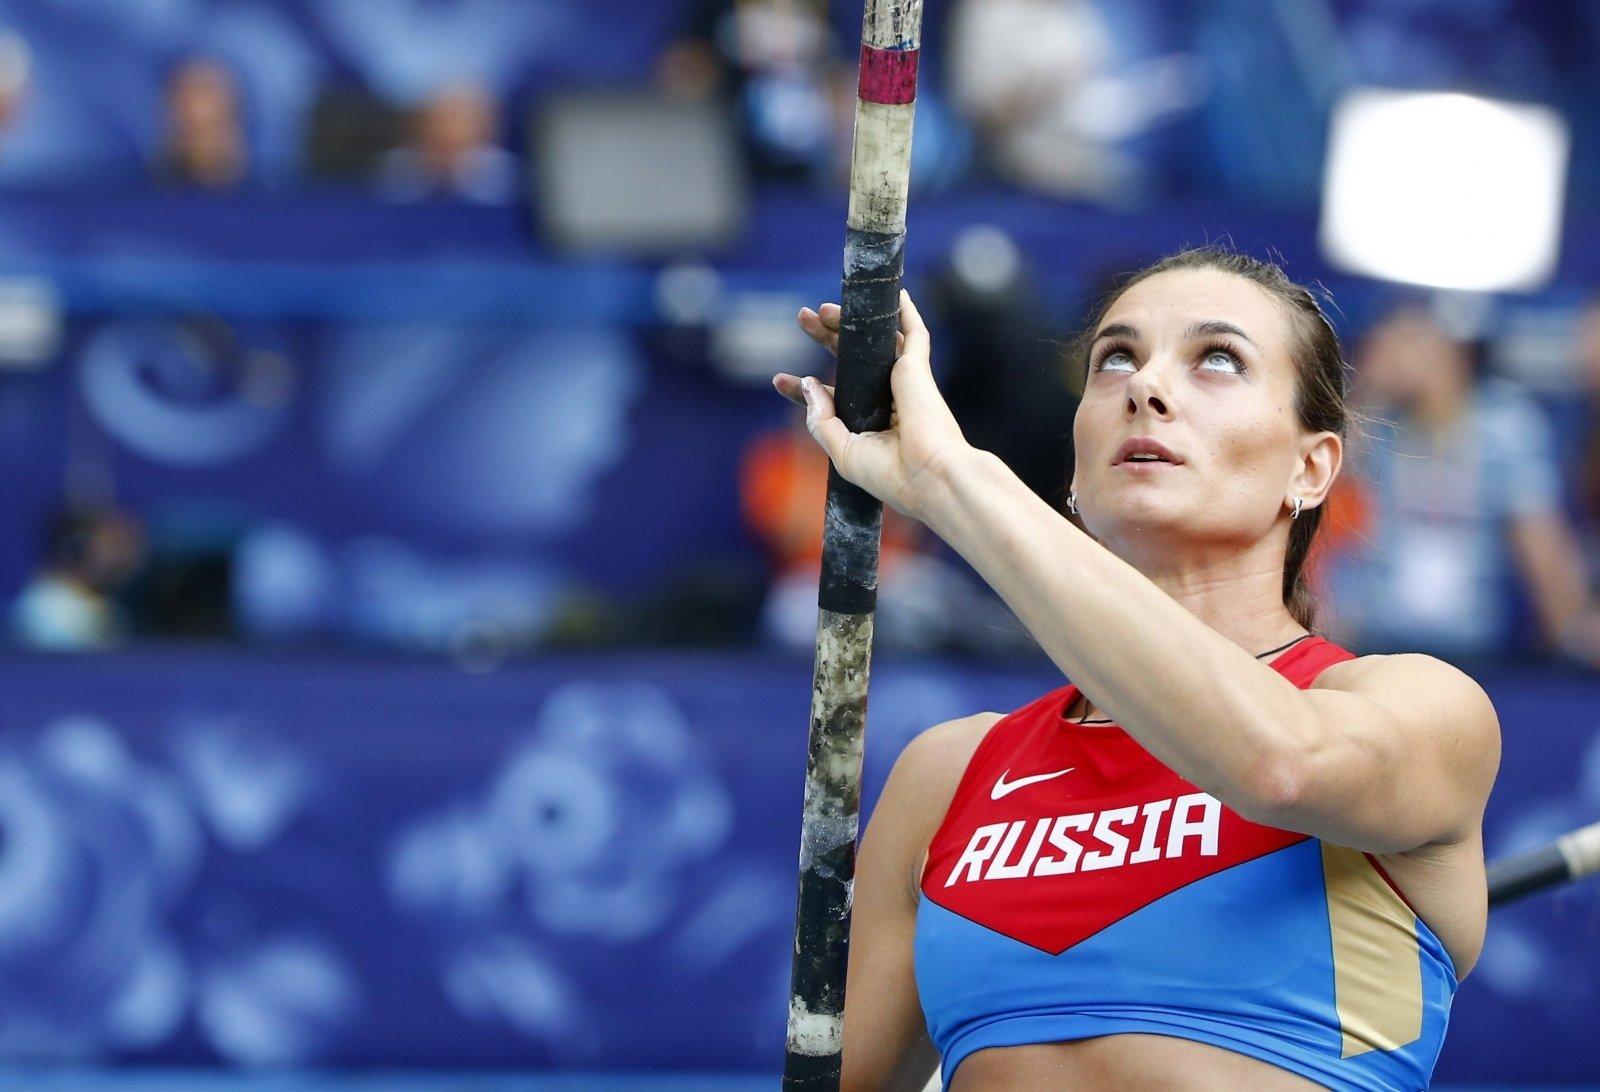 Знаменитые русские спортсменки фото — img 2